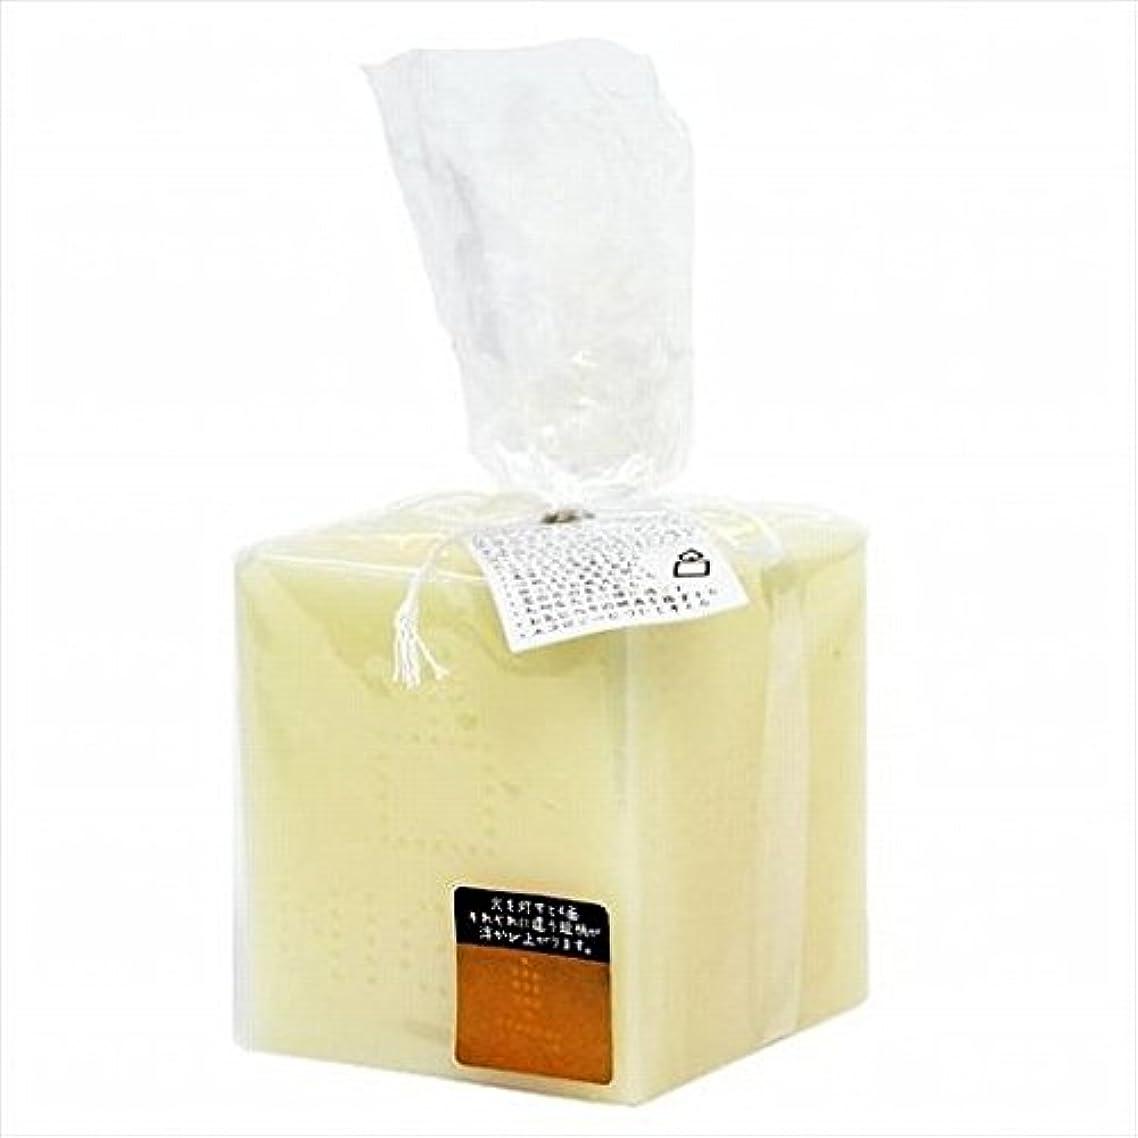 隙間海港同等のkameyama candle(カメヤマキャンドル) キャンドルナイト キャンドル 70x70x160mm (A8640000)